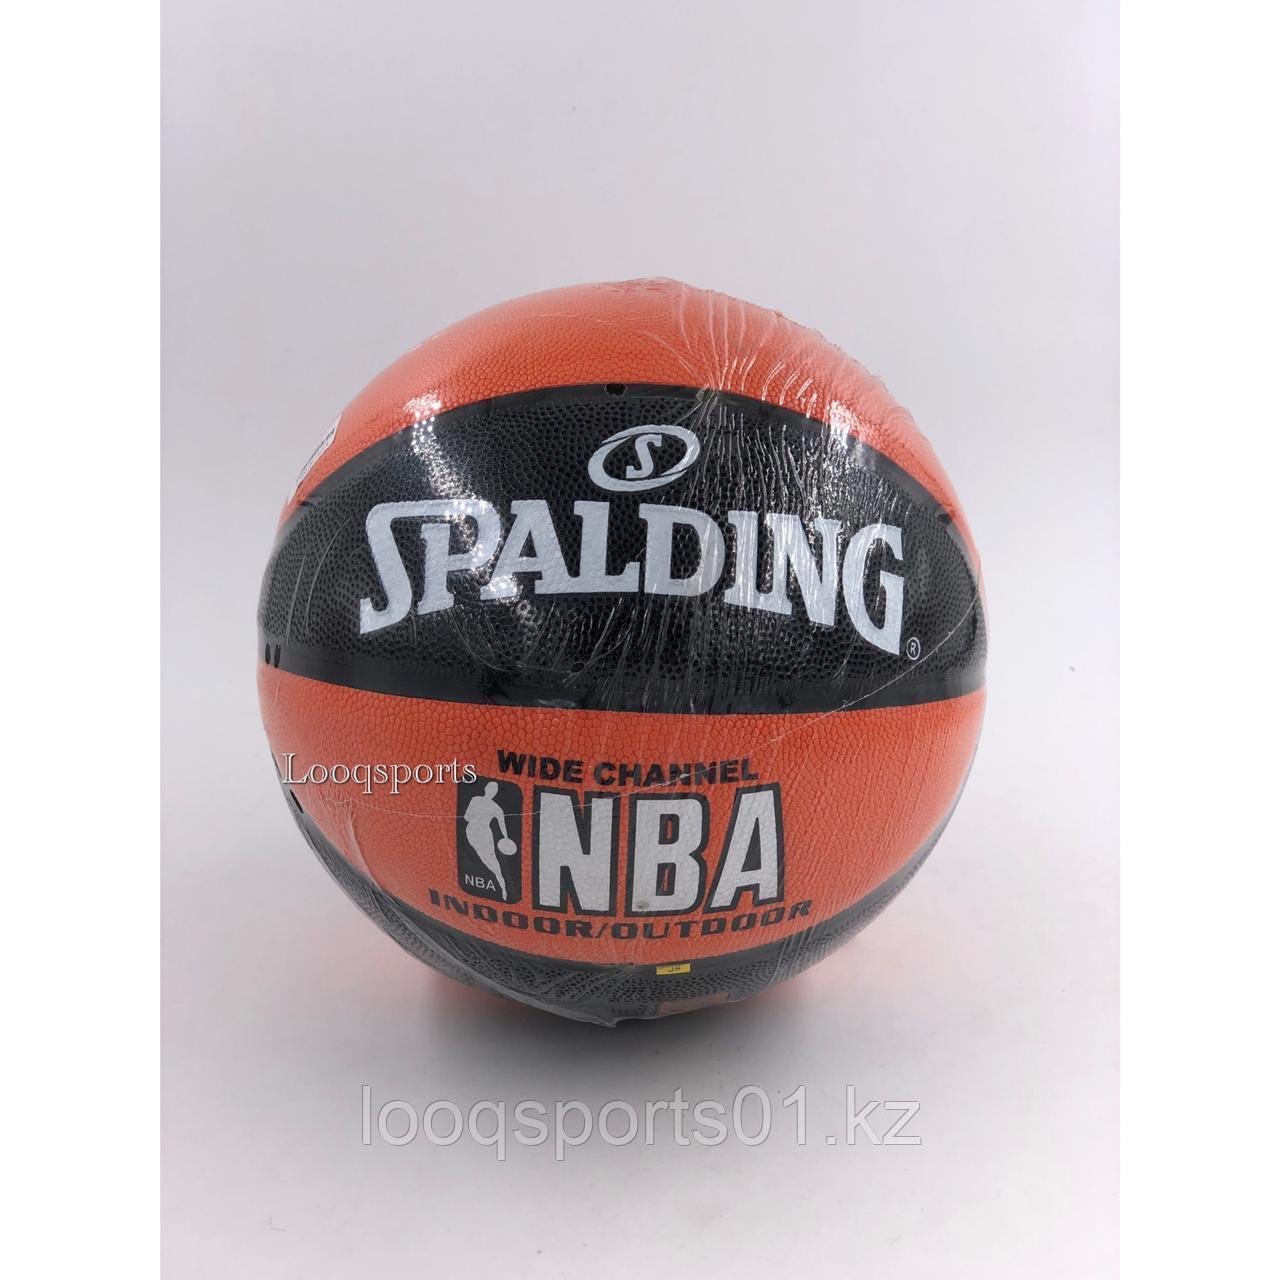 Баскетбольные мячи Spalding NBA 7 с бесплатной доставкой